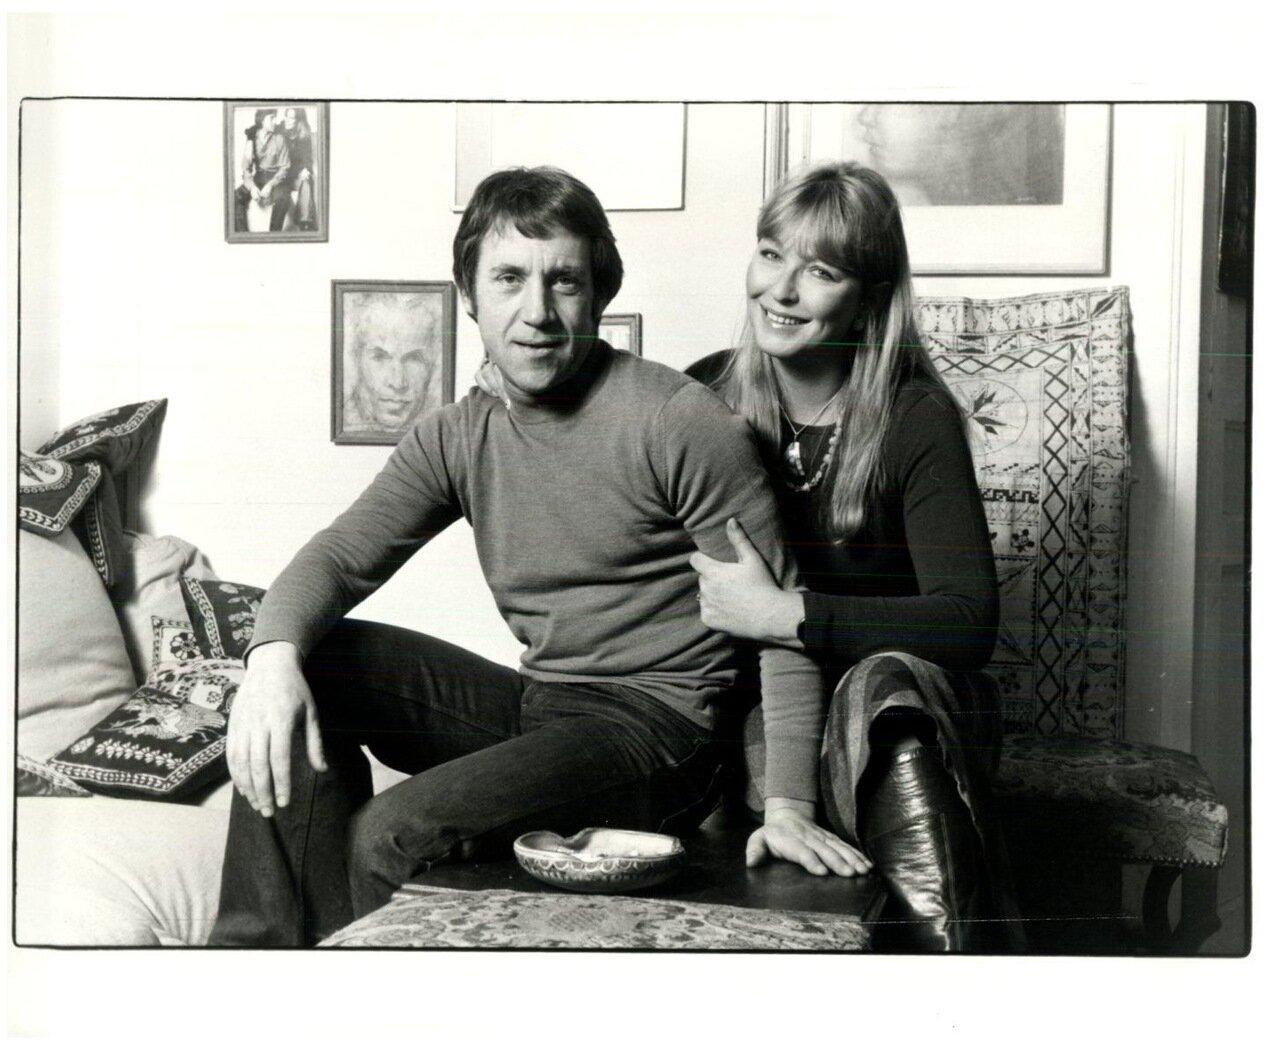 1970. Марина Влади и Владимир Высоцкий